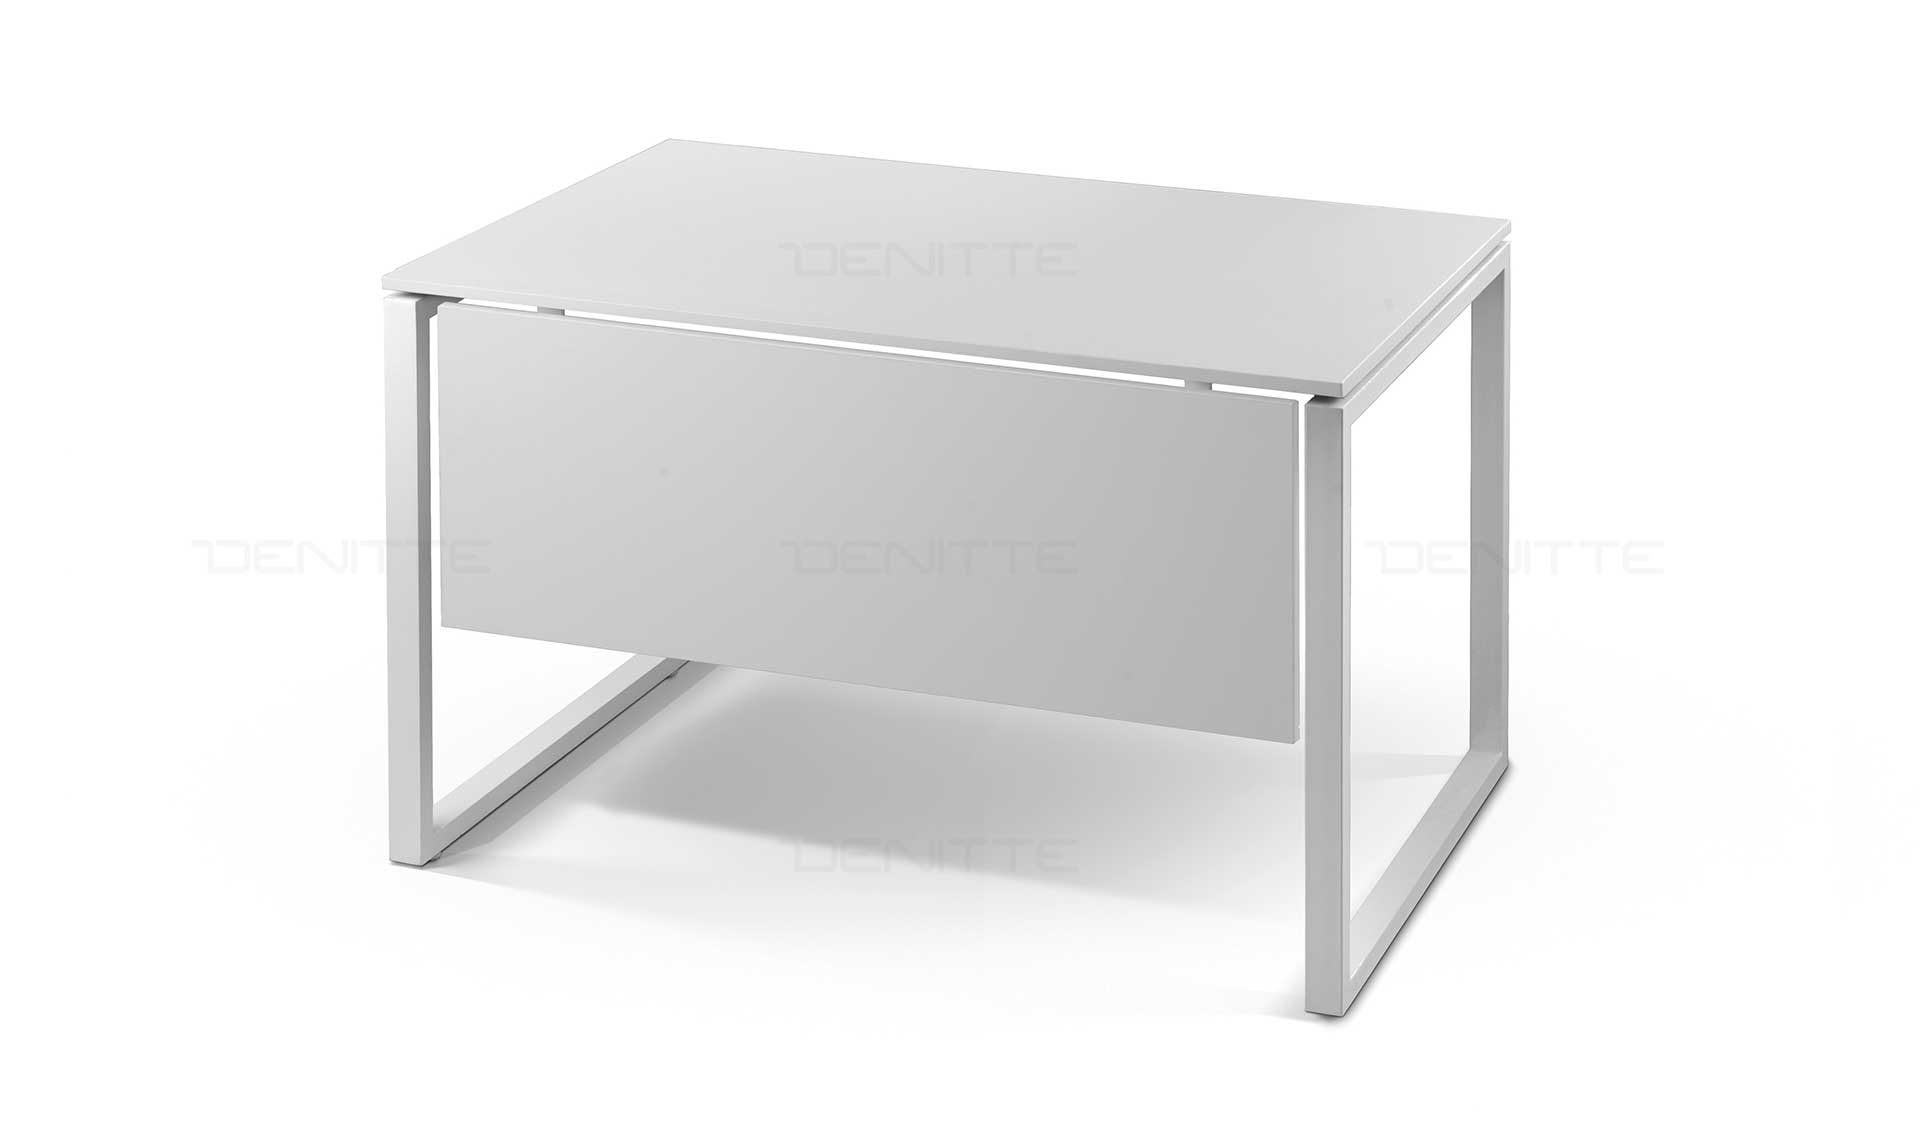 میز کامپیوتر o دنیته